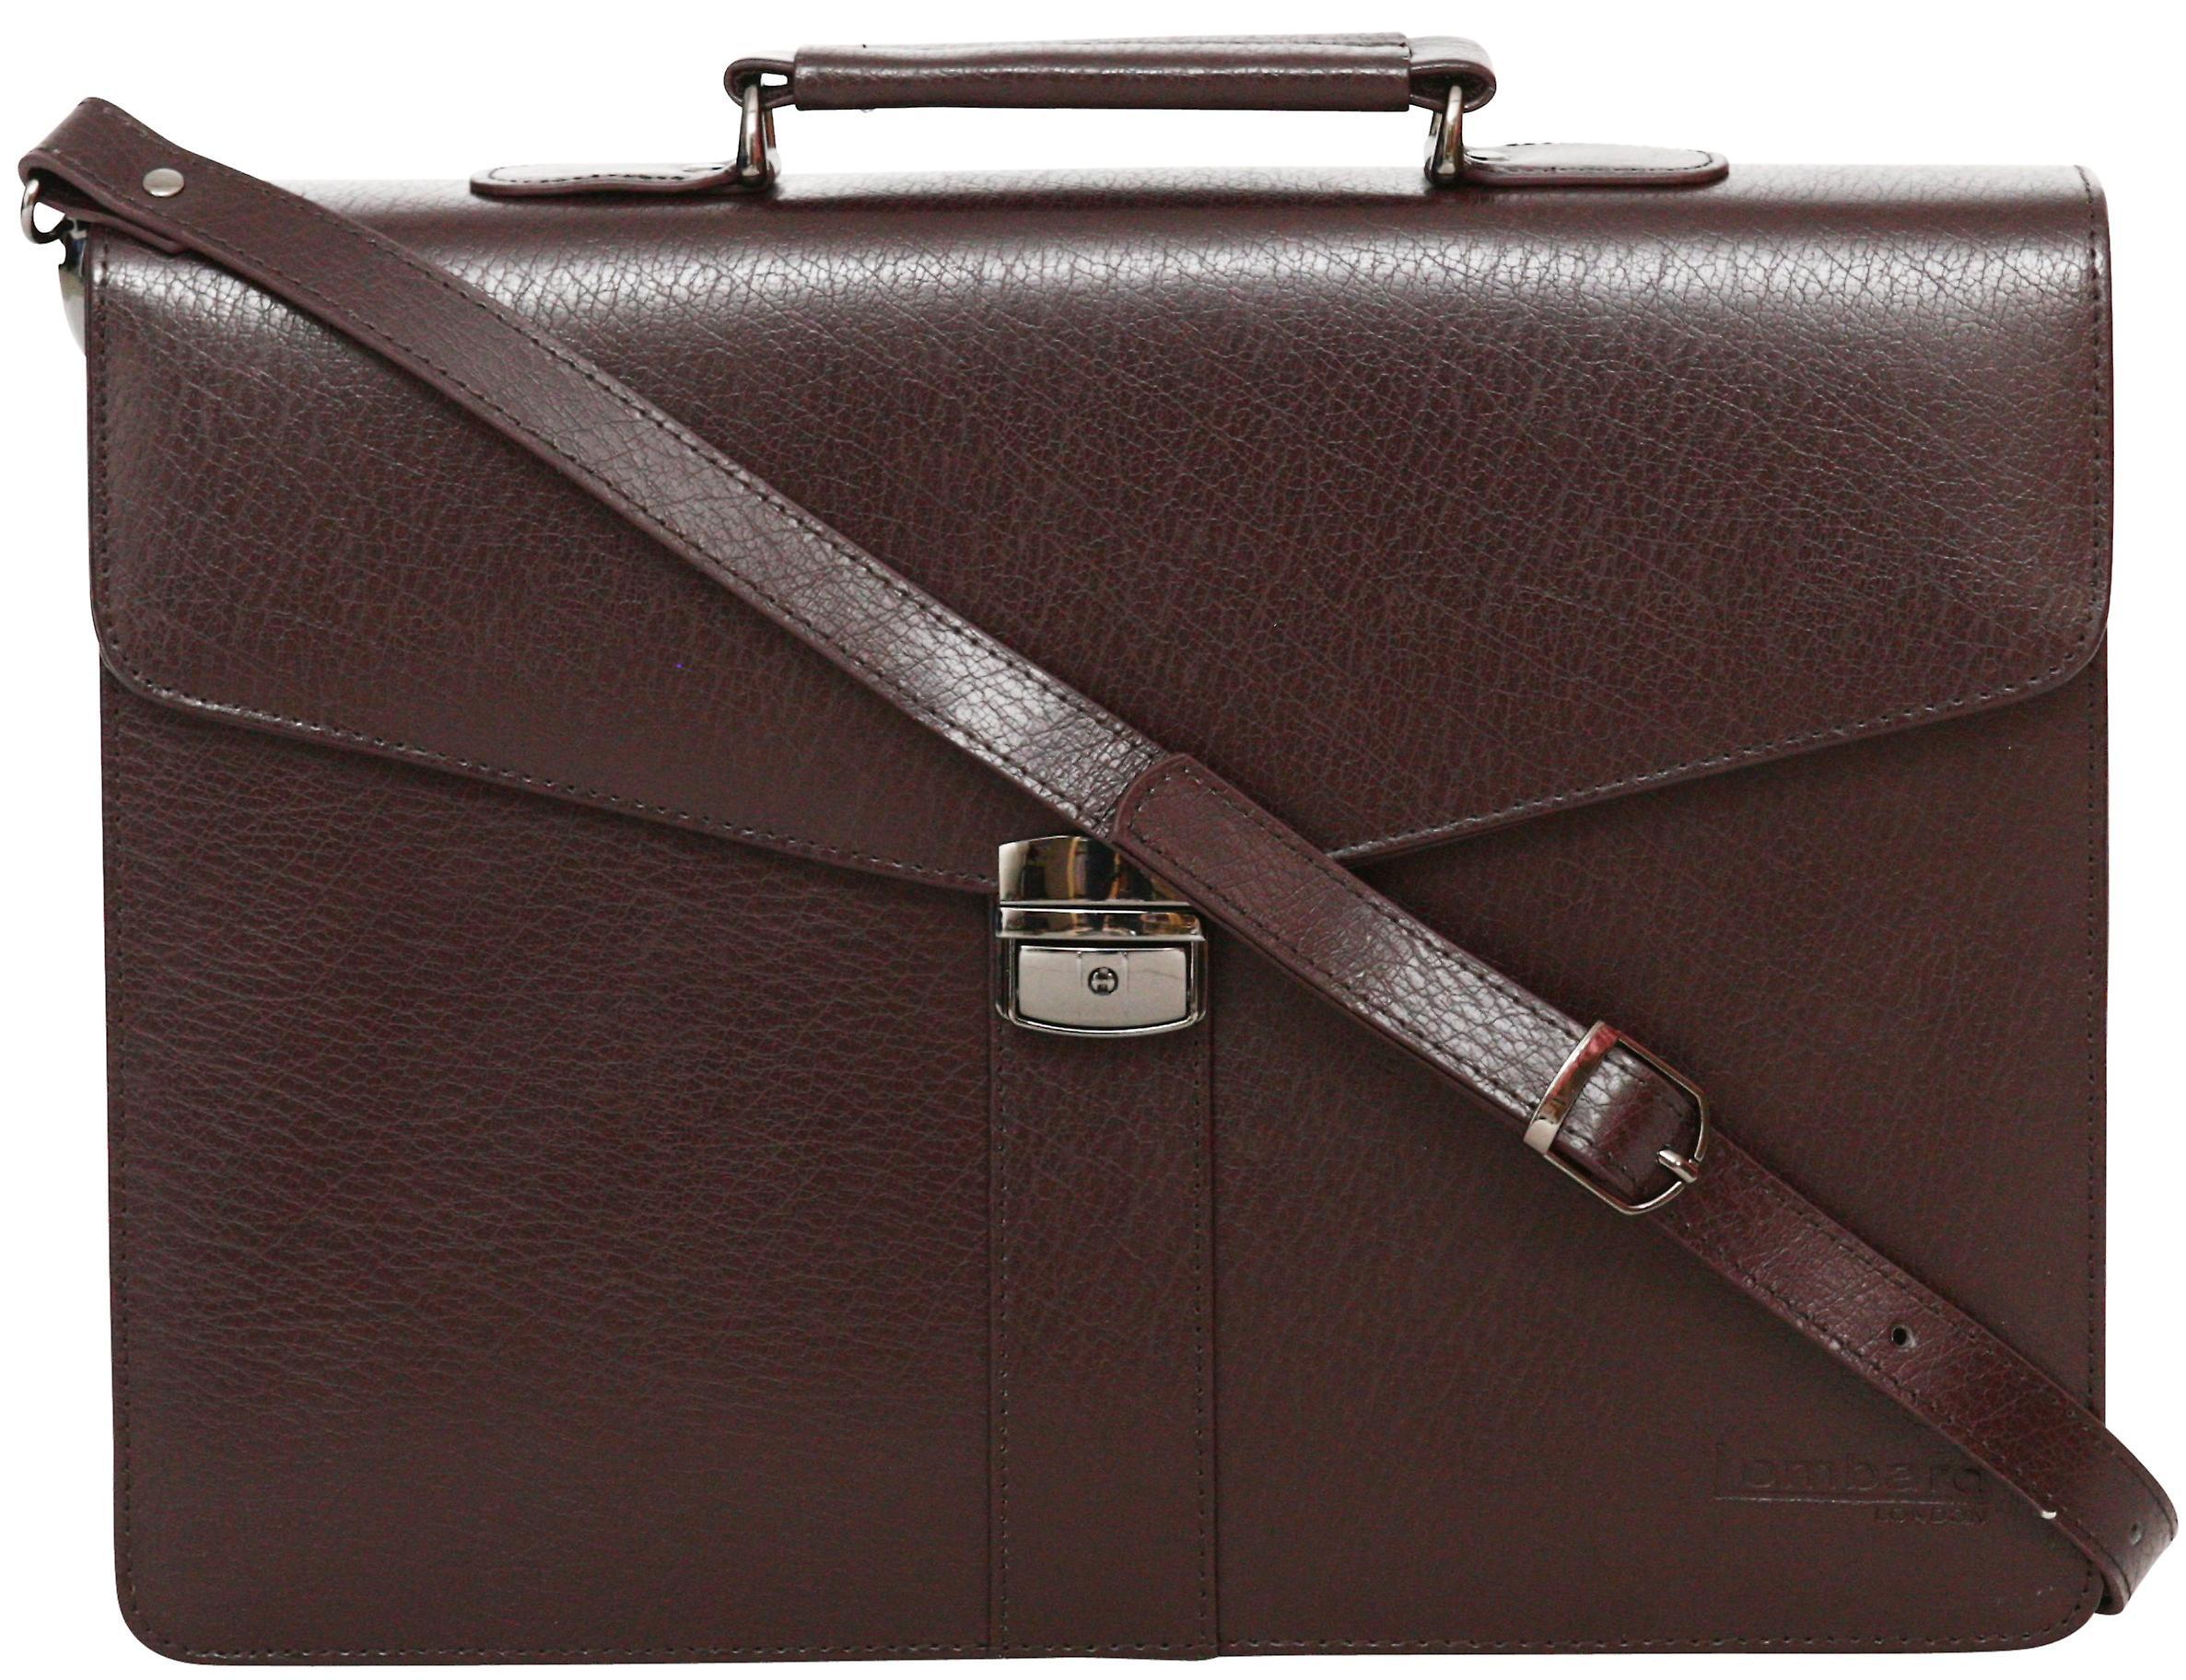 Tassia collé Affaires mallette sac - 15.4& 034; compartiHommest pour ordinateur portable